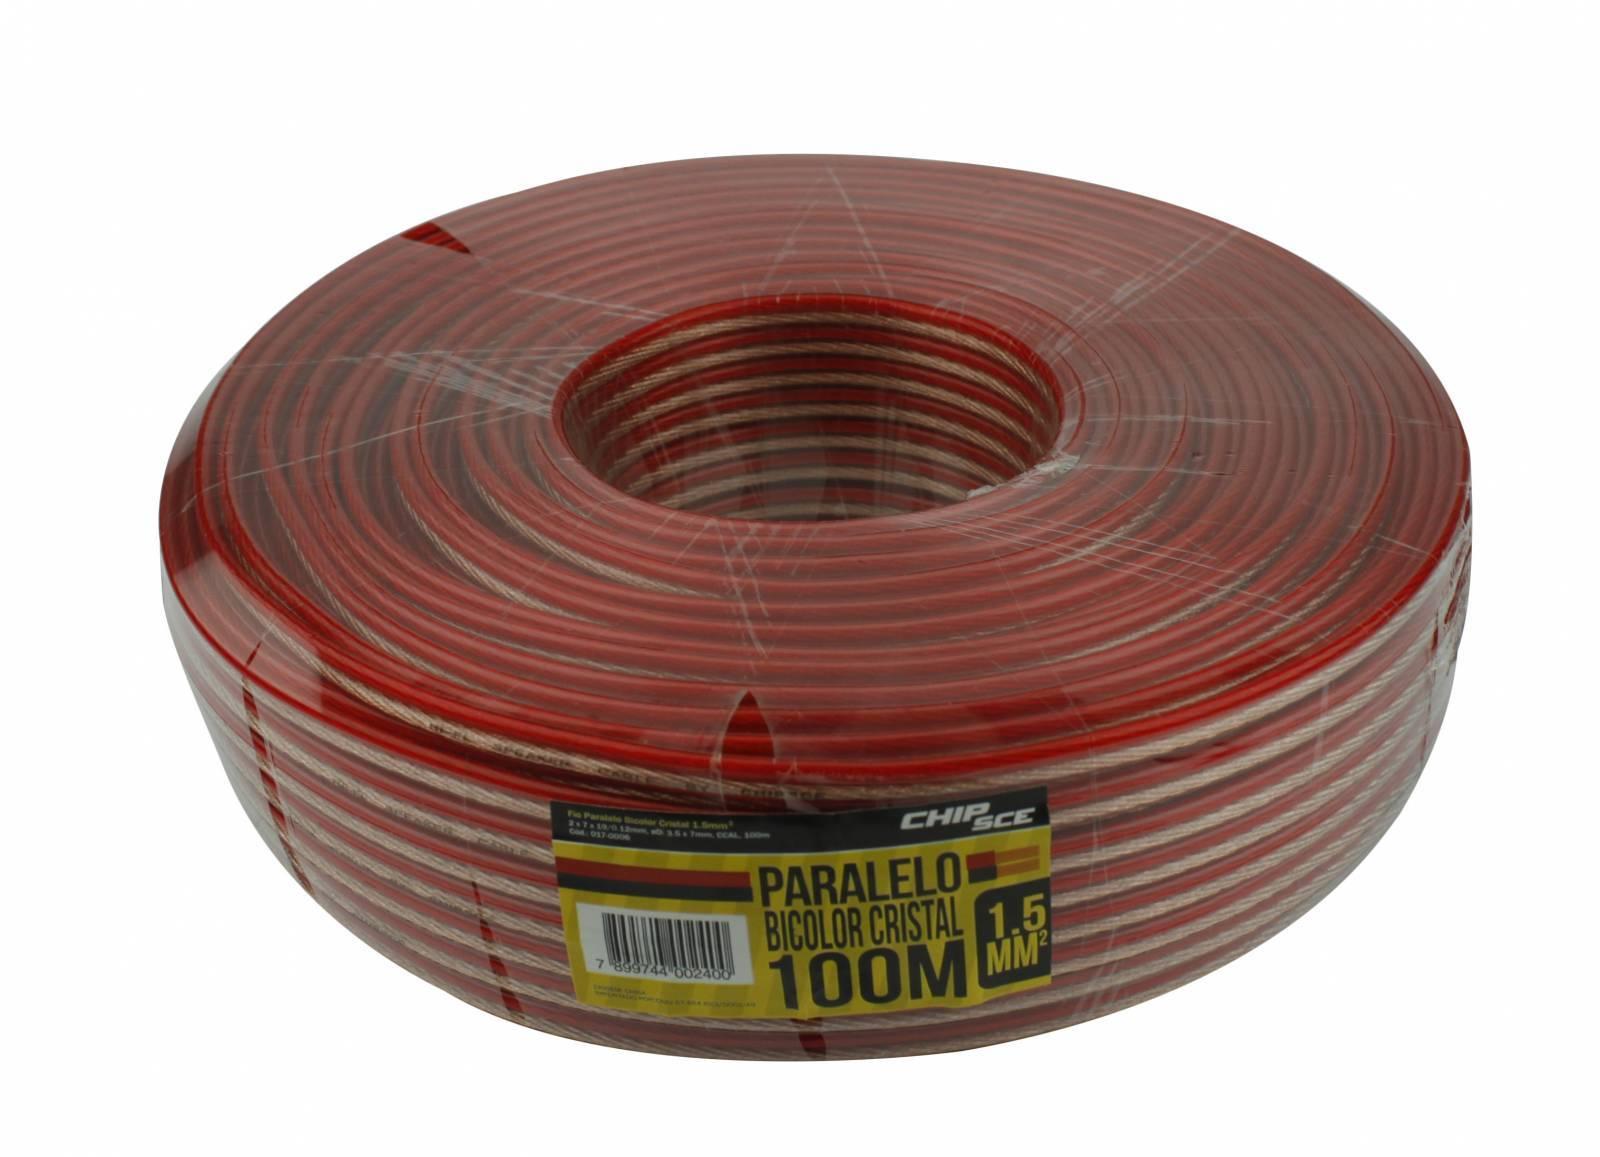 Fio Paralelo bicolor Cristal 2x1,50mm C/ 100mt - CHIP SCE